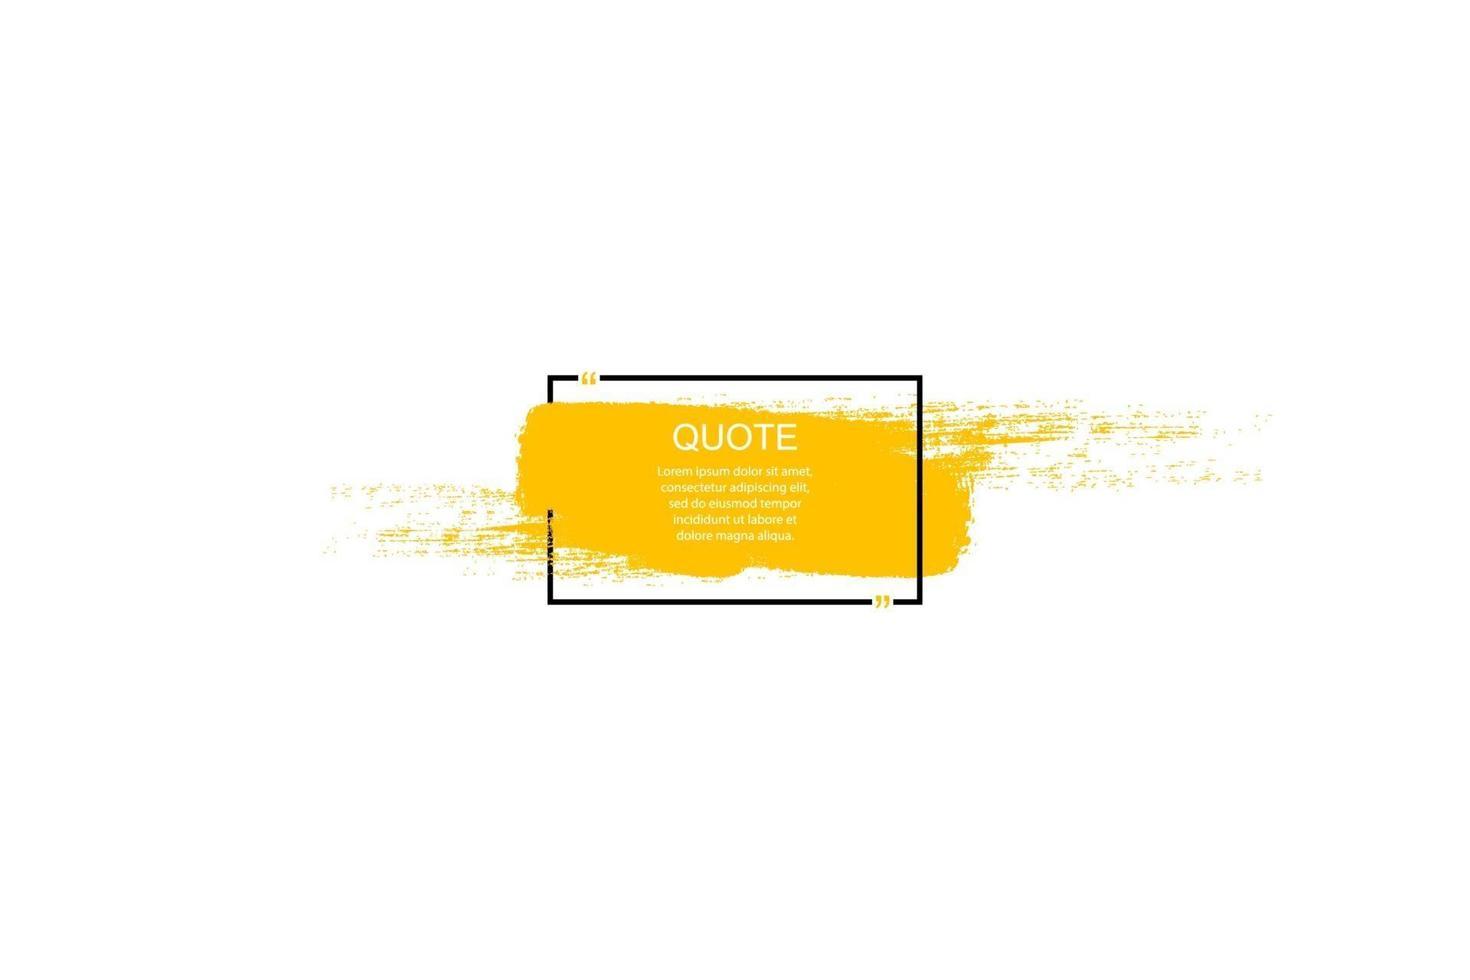 citation cadre de boîte, grand ensemble. icône de boîte de devis. boîtes de devis de textos. fond de brosse grunge vierge. illustration vectorielle vecteur